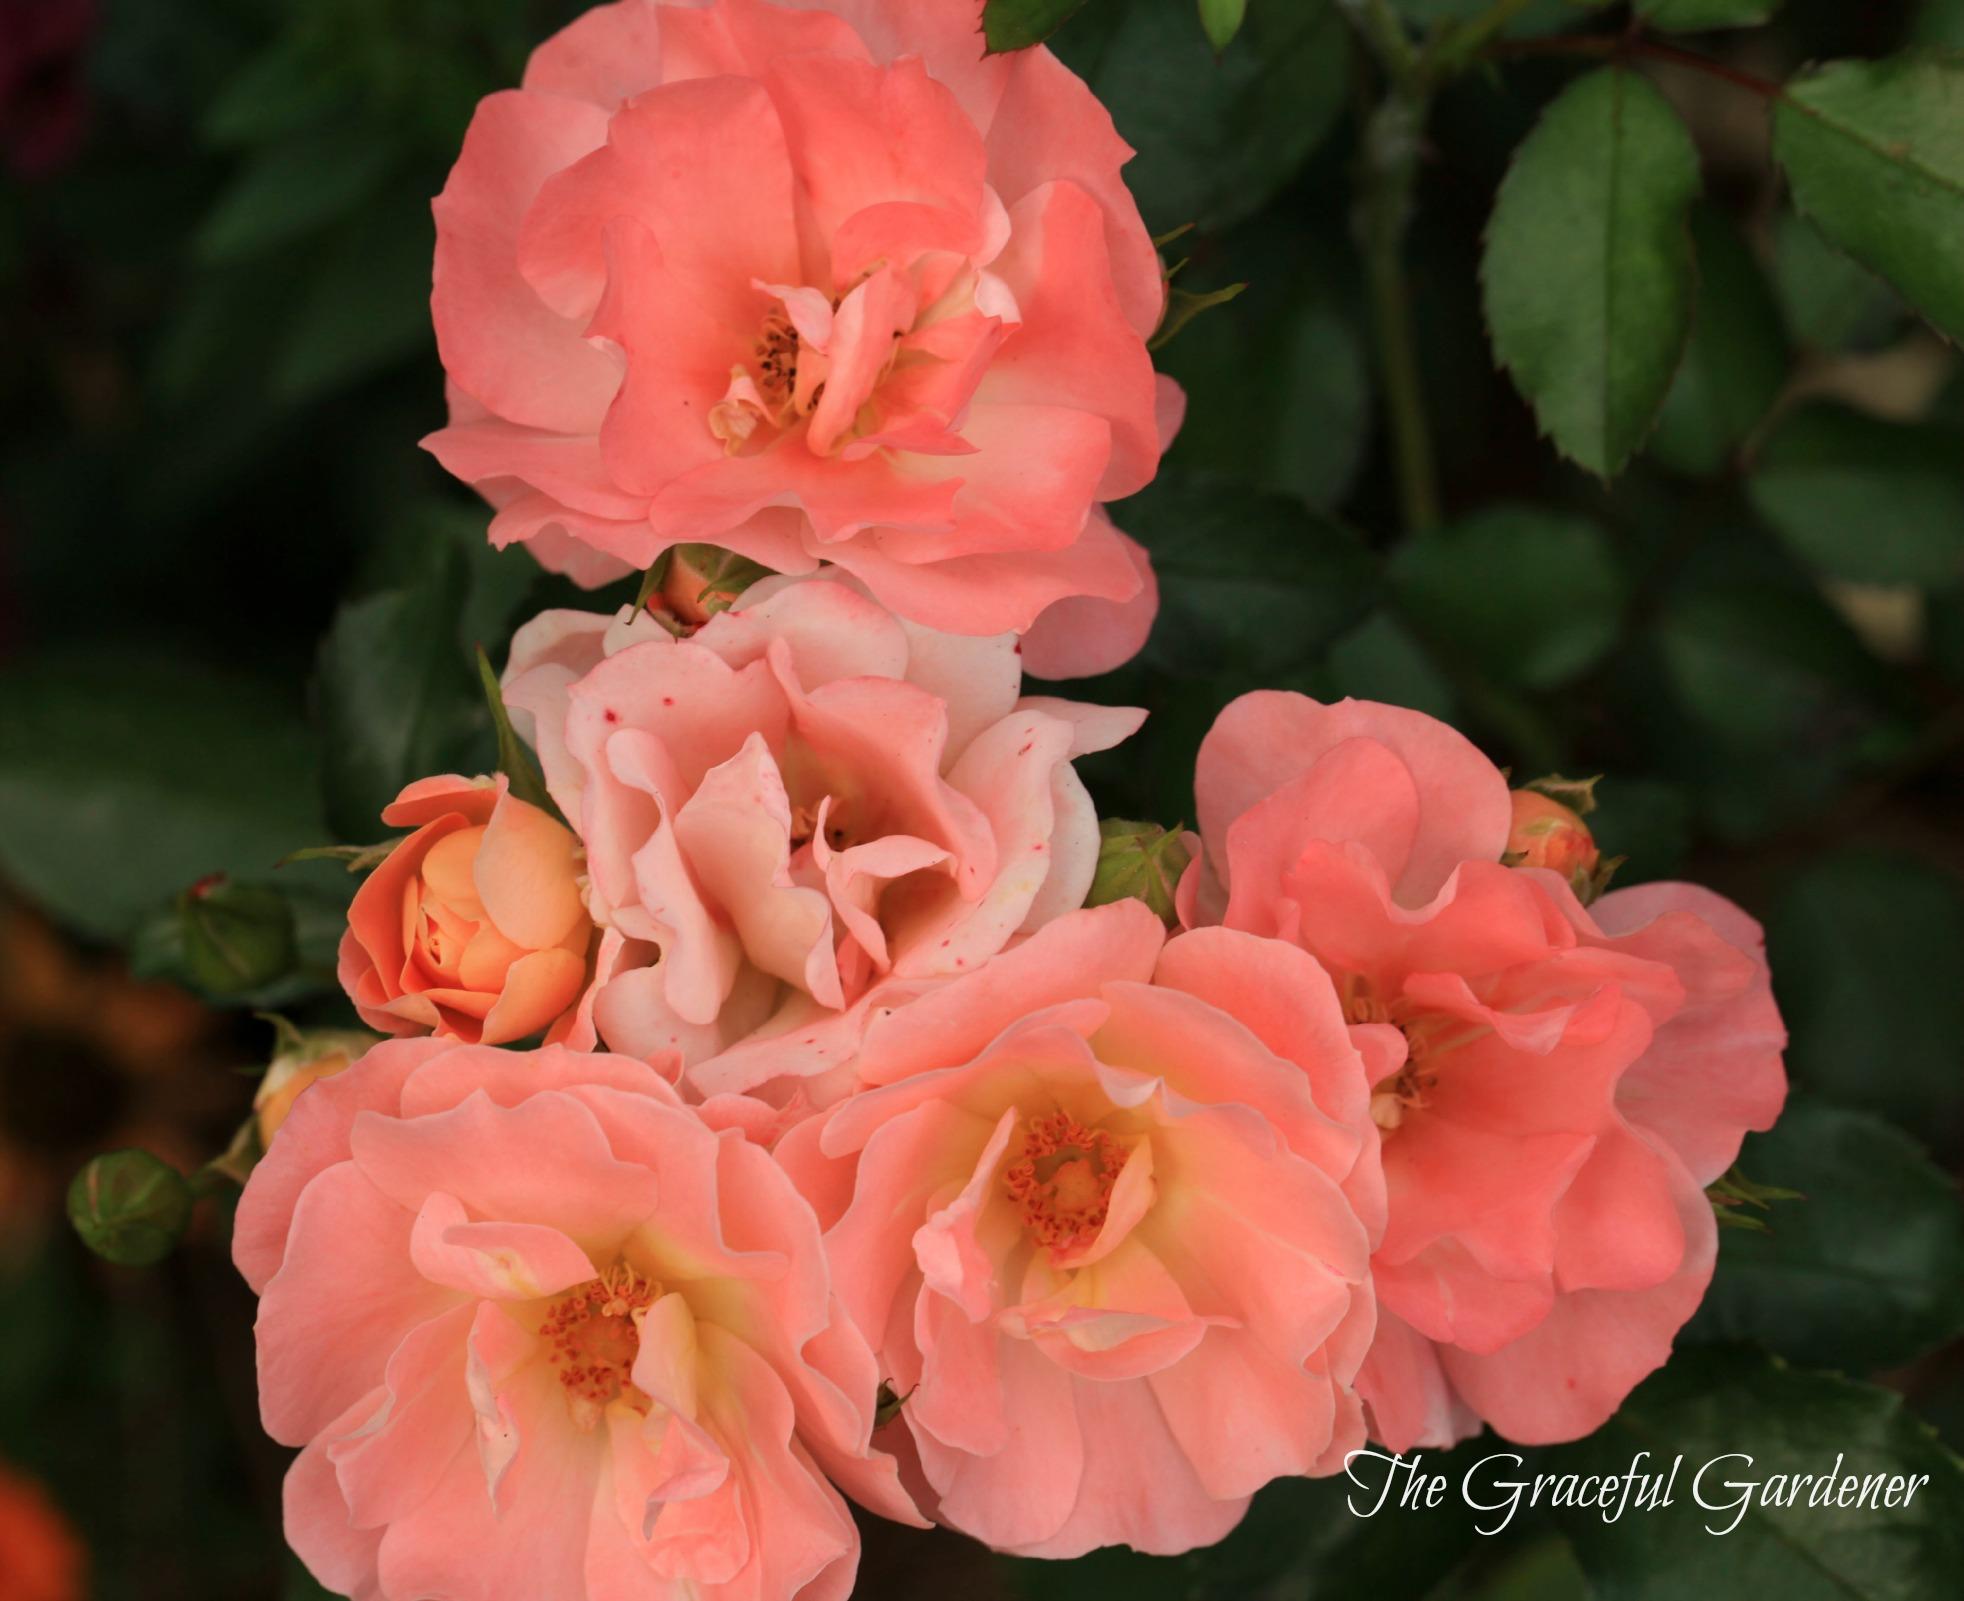 Rose: The Graceful Gardener » 2013 » June